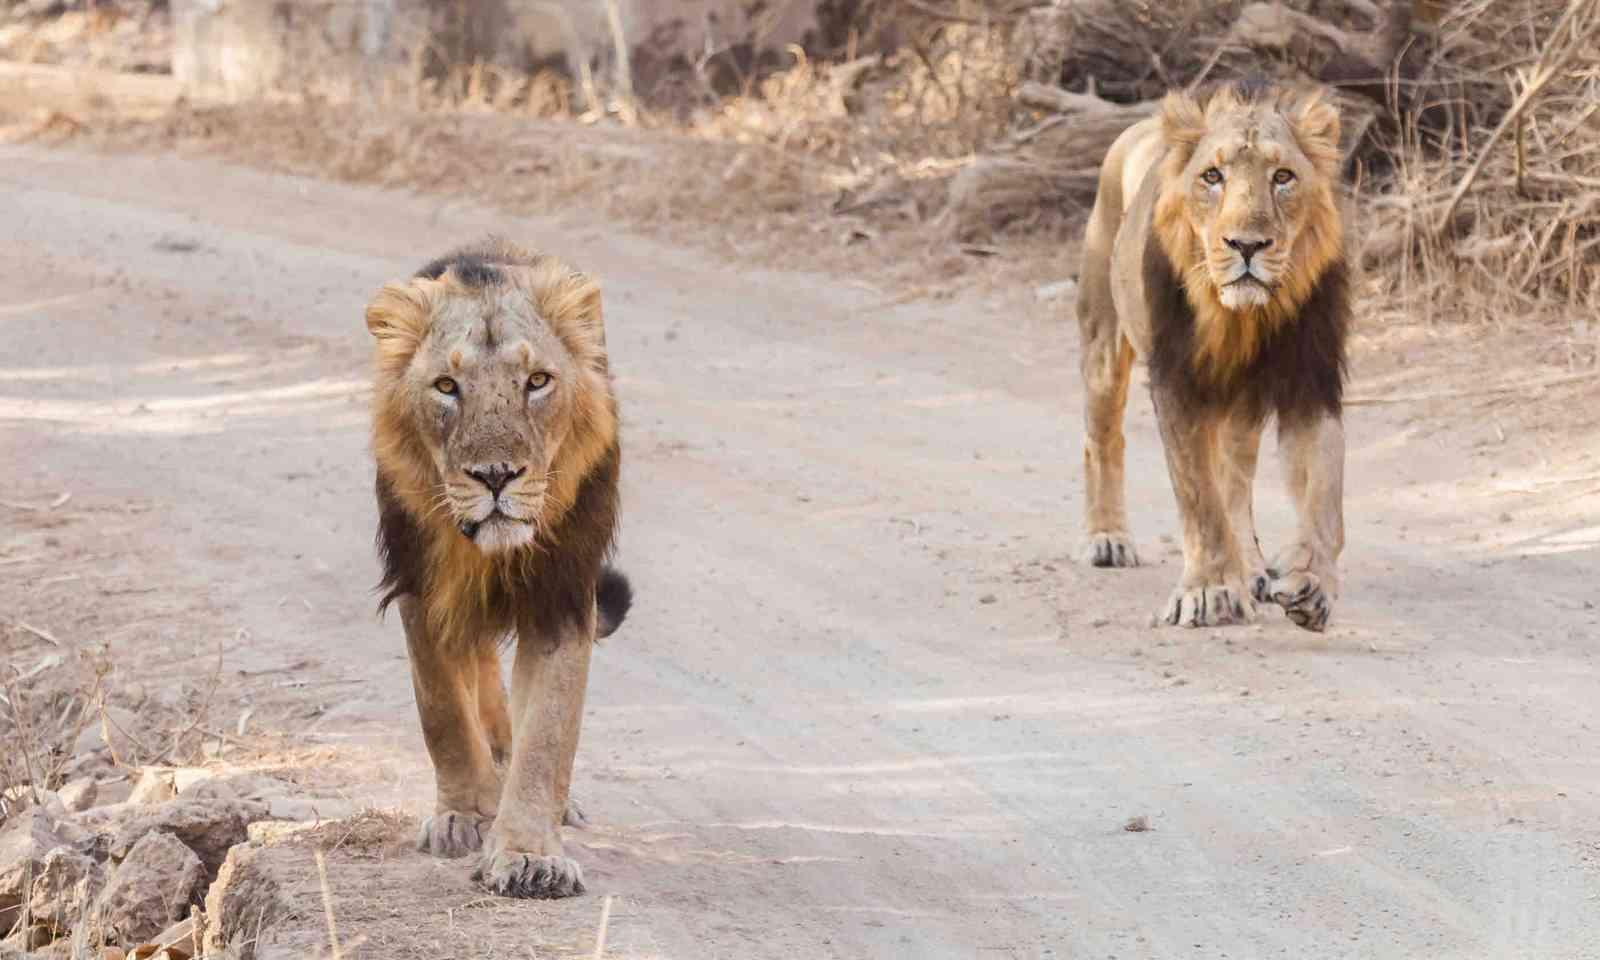 Asiatic lions walking down road in Gujarat, India (Shutterstock)